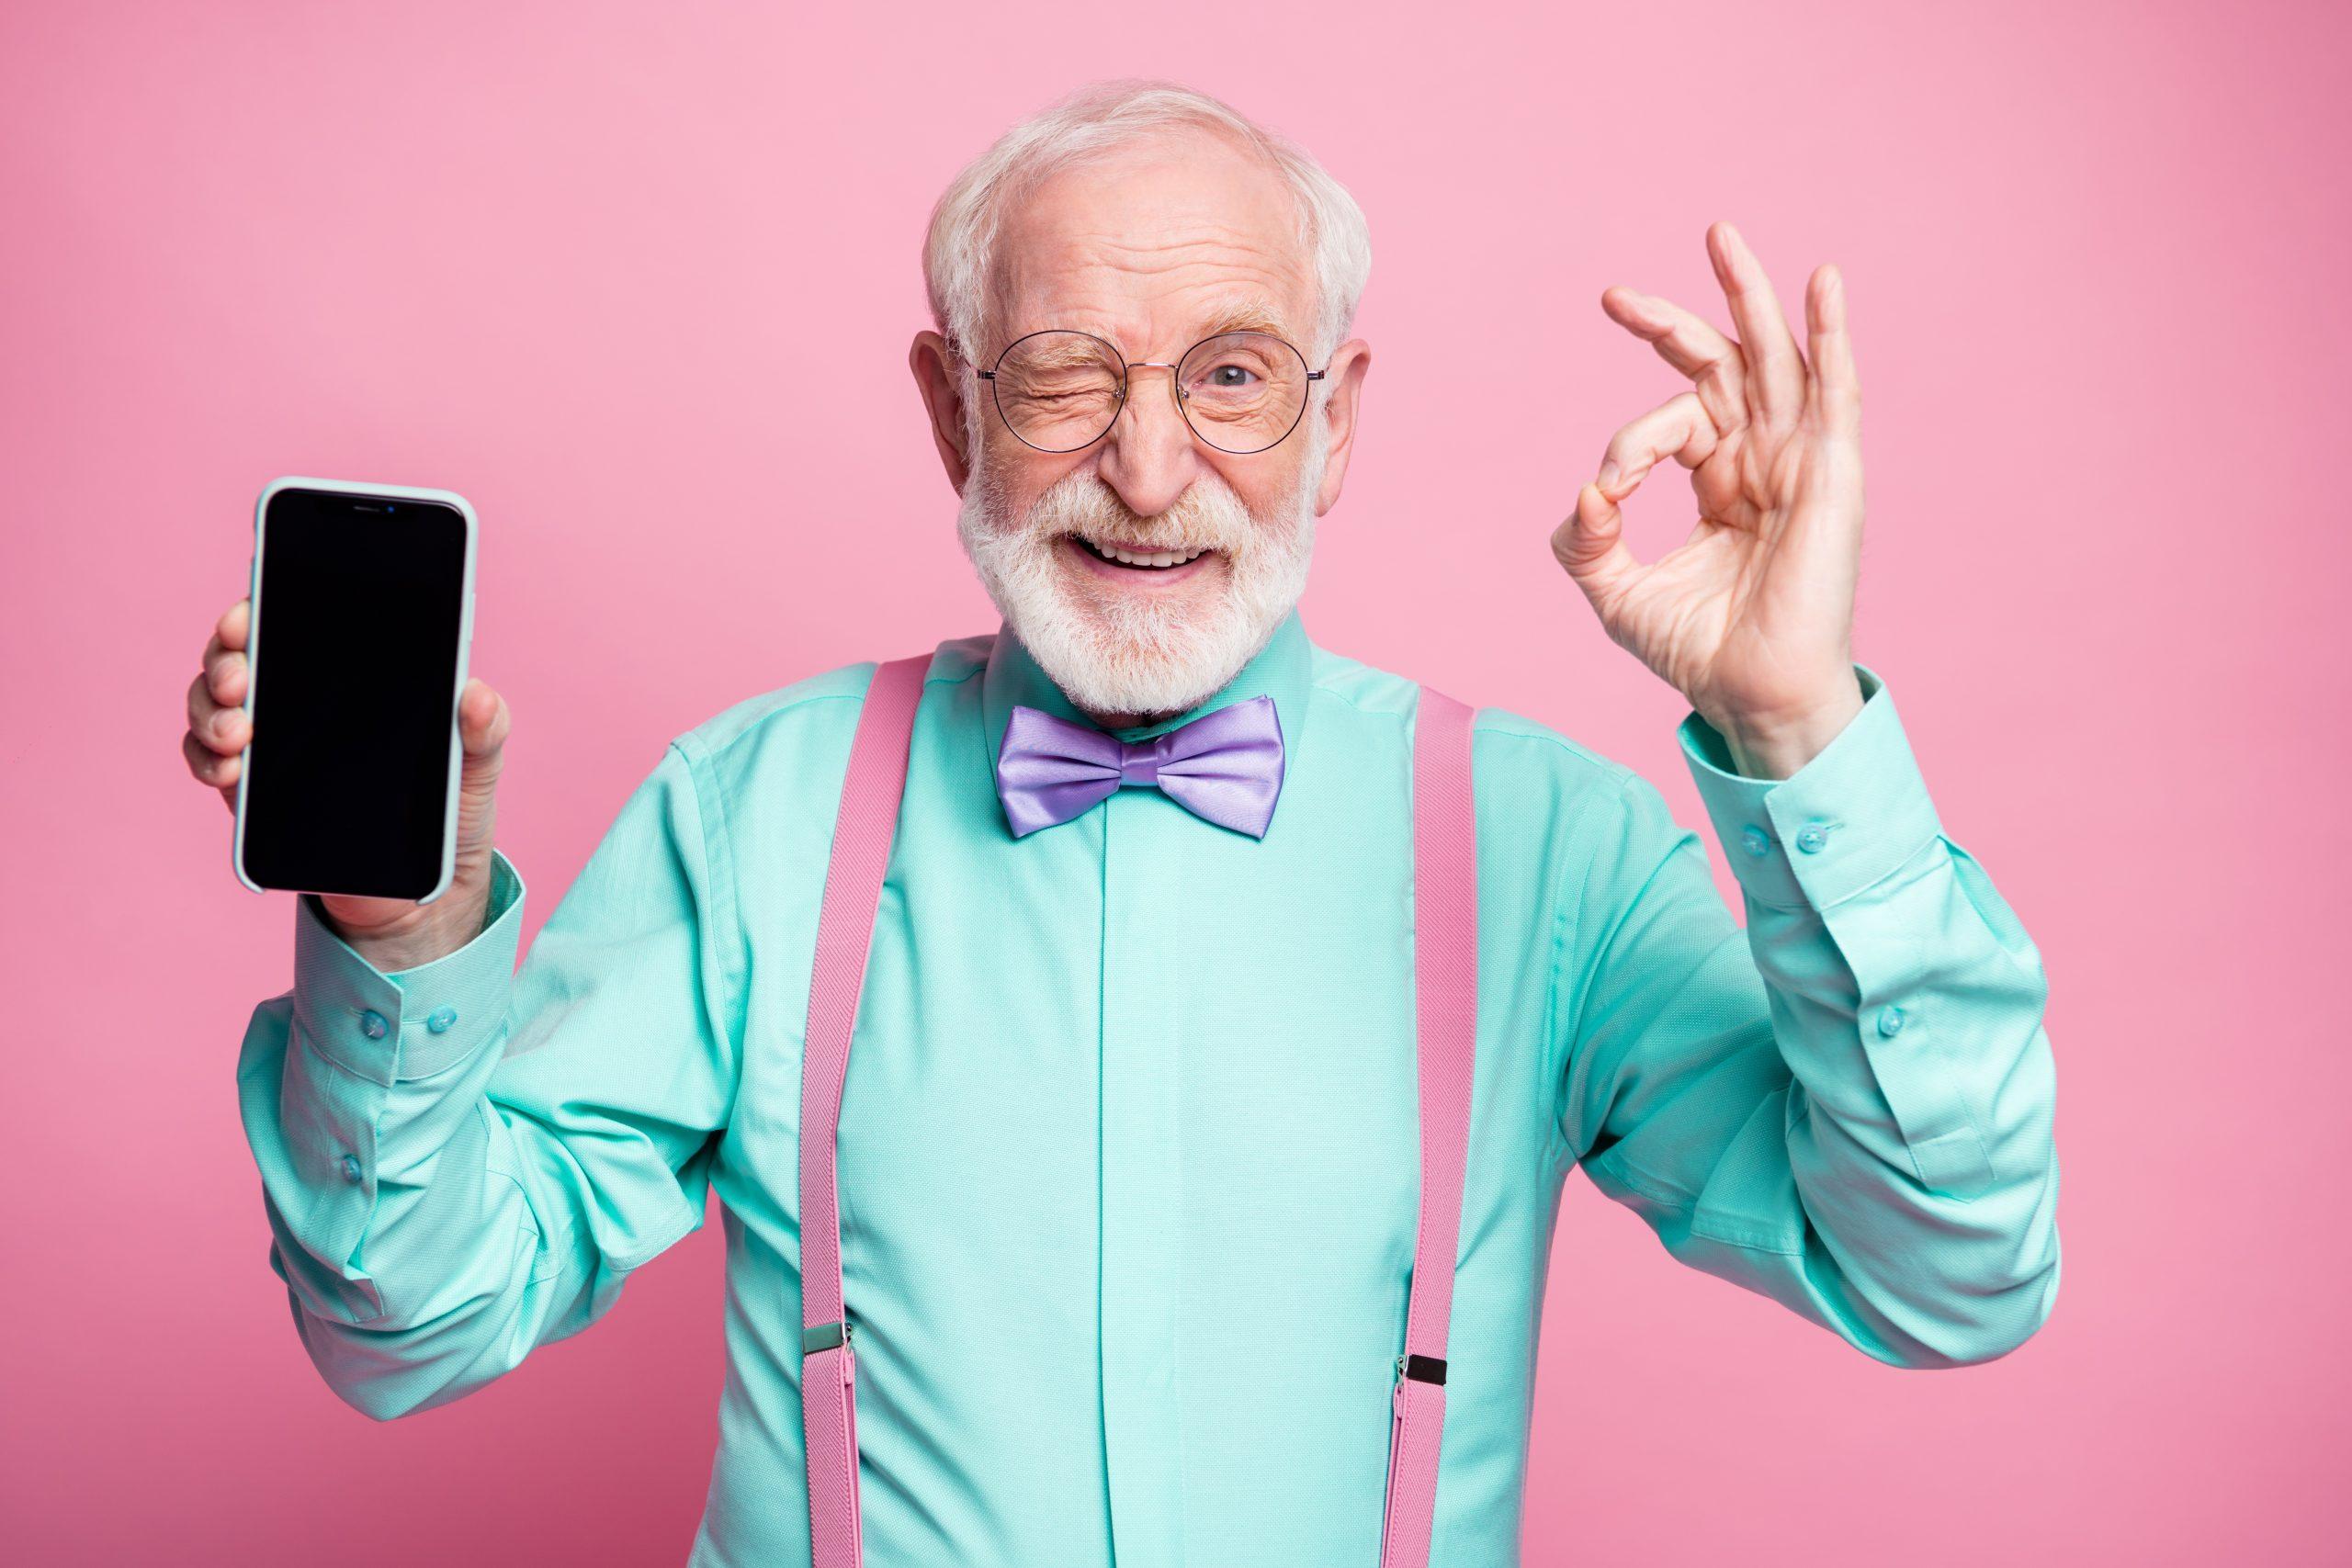 Älterer Herr hält Smartphone in der Hand